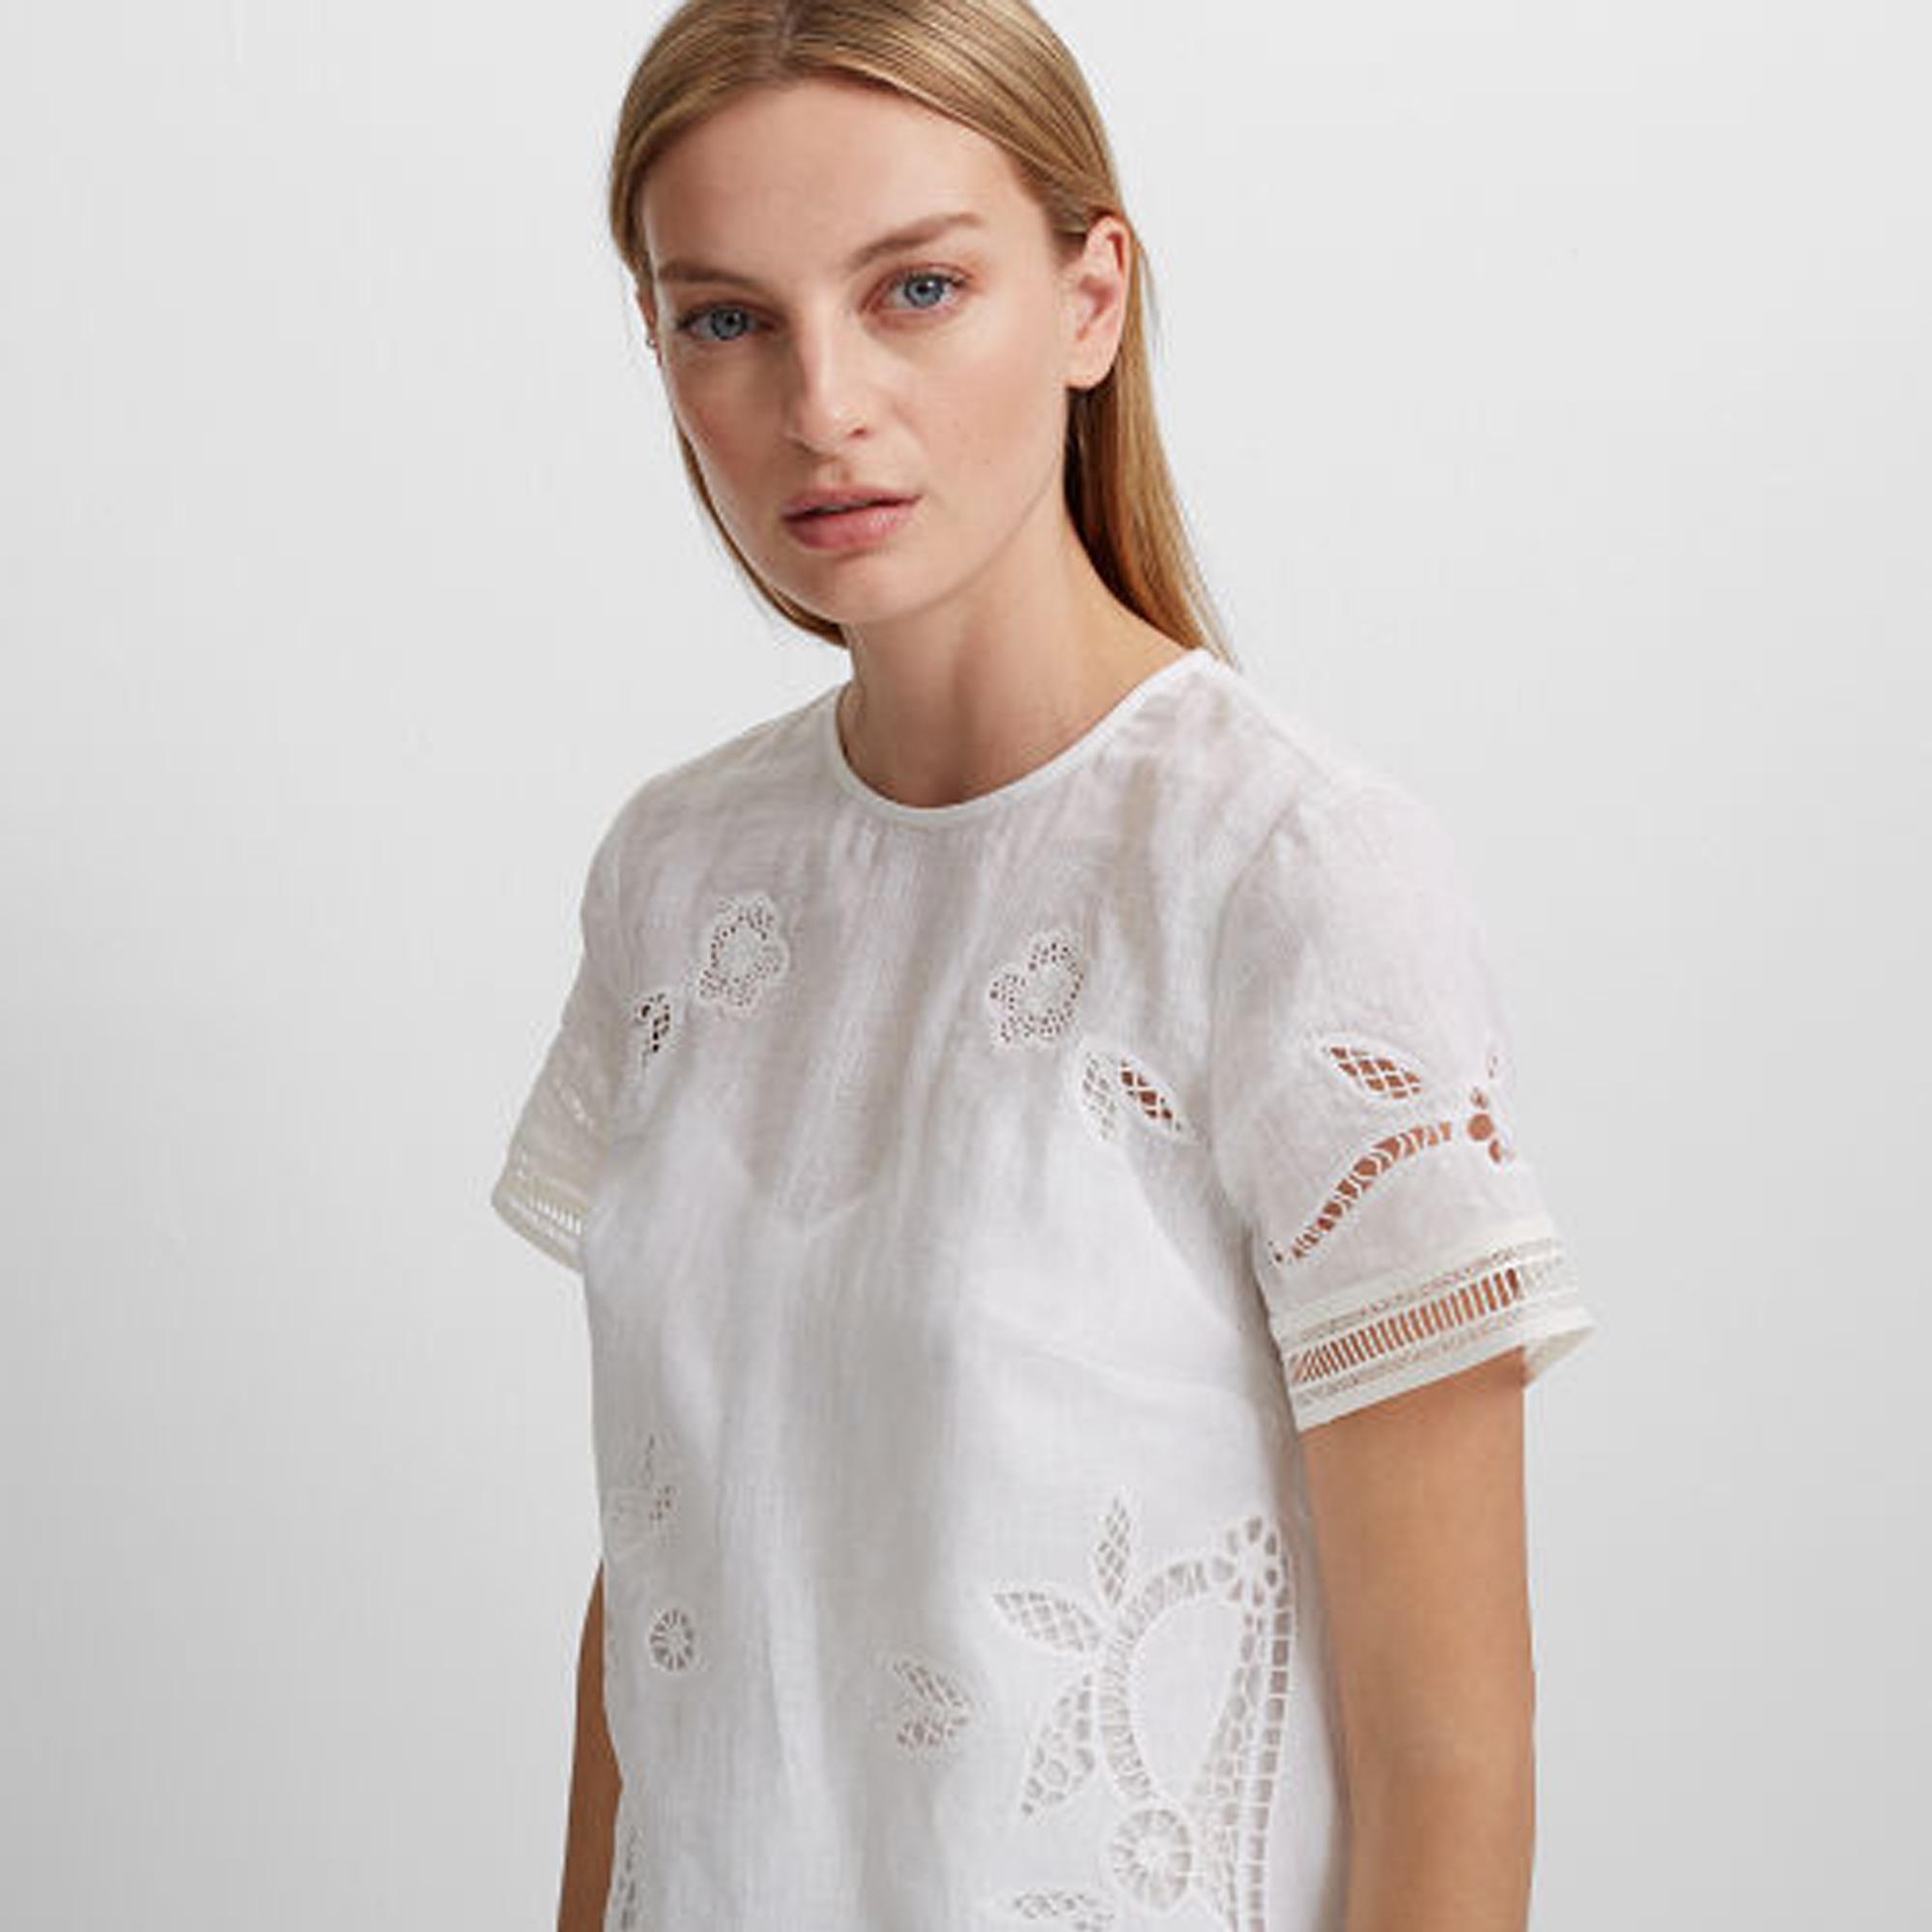 Luceenie Linen Dress   HK$2,690